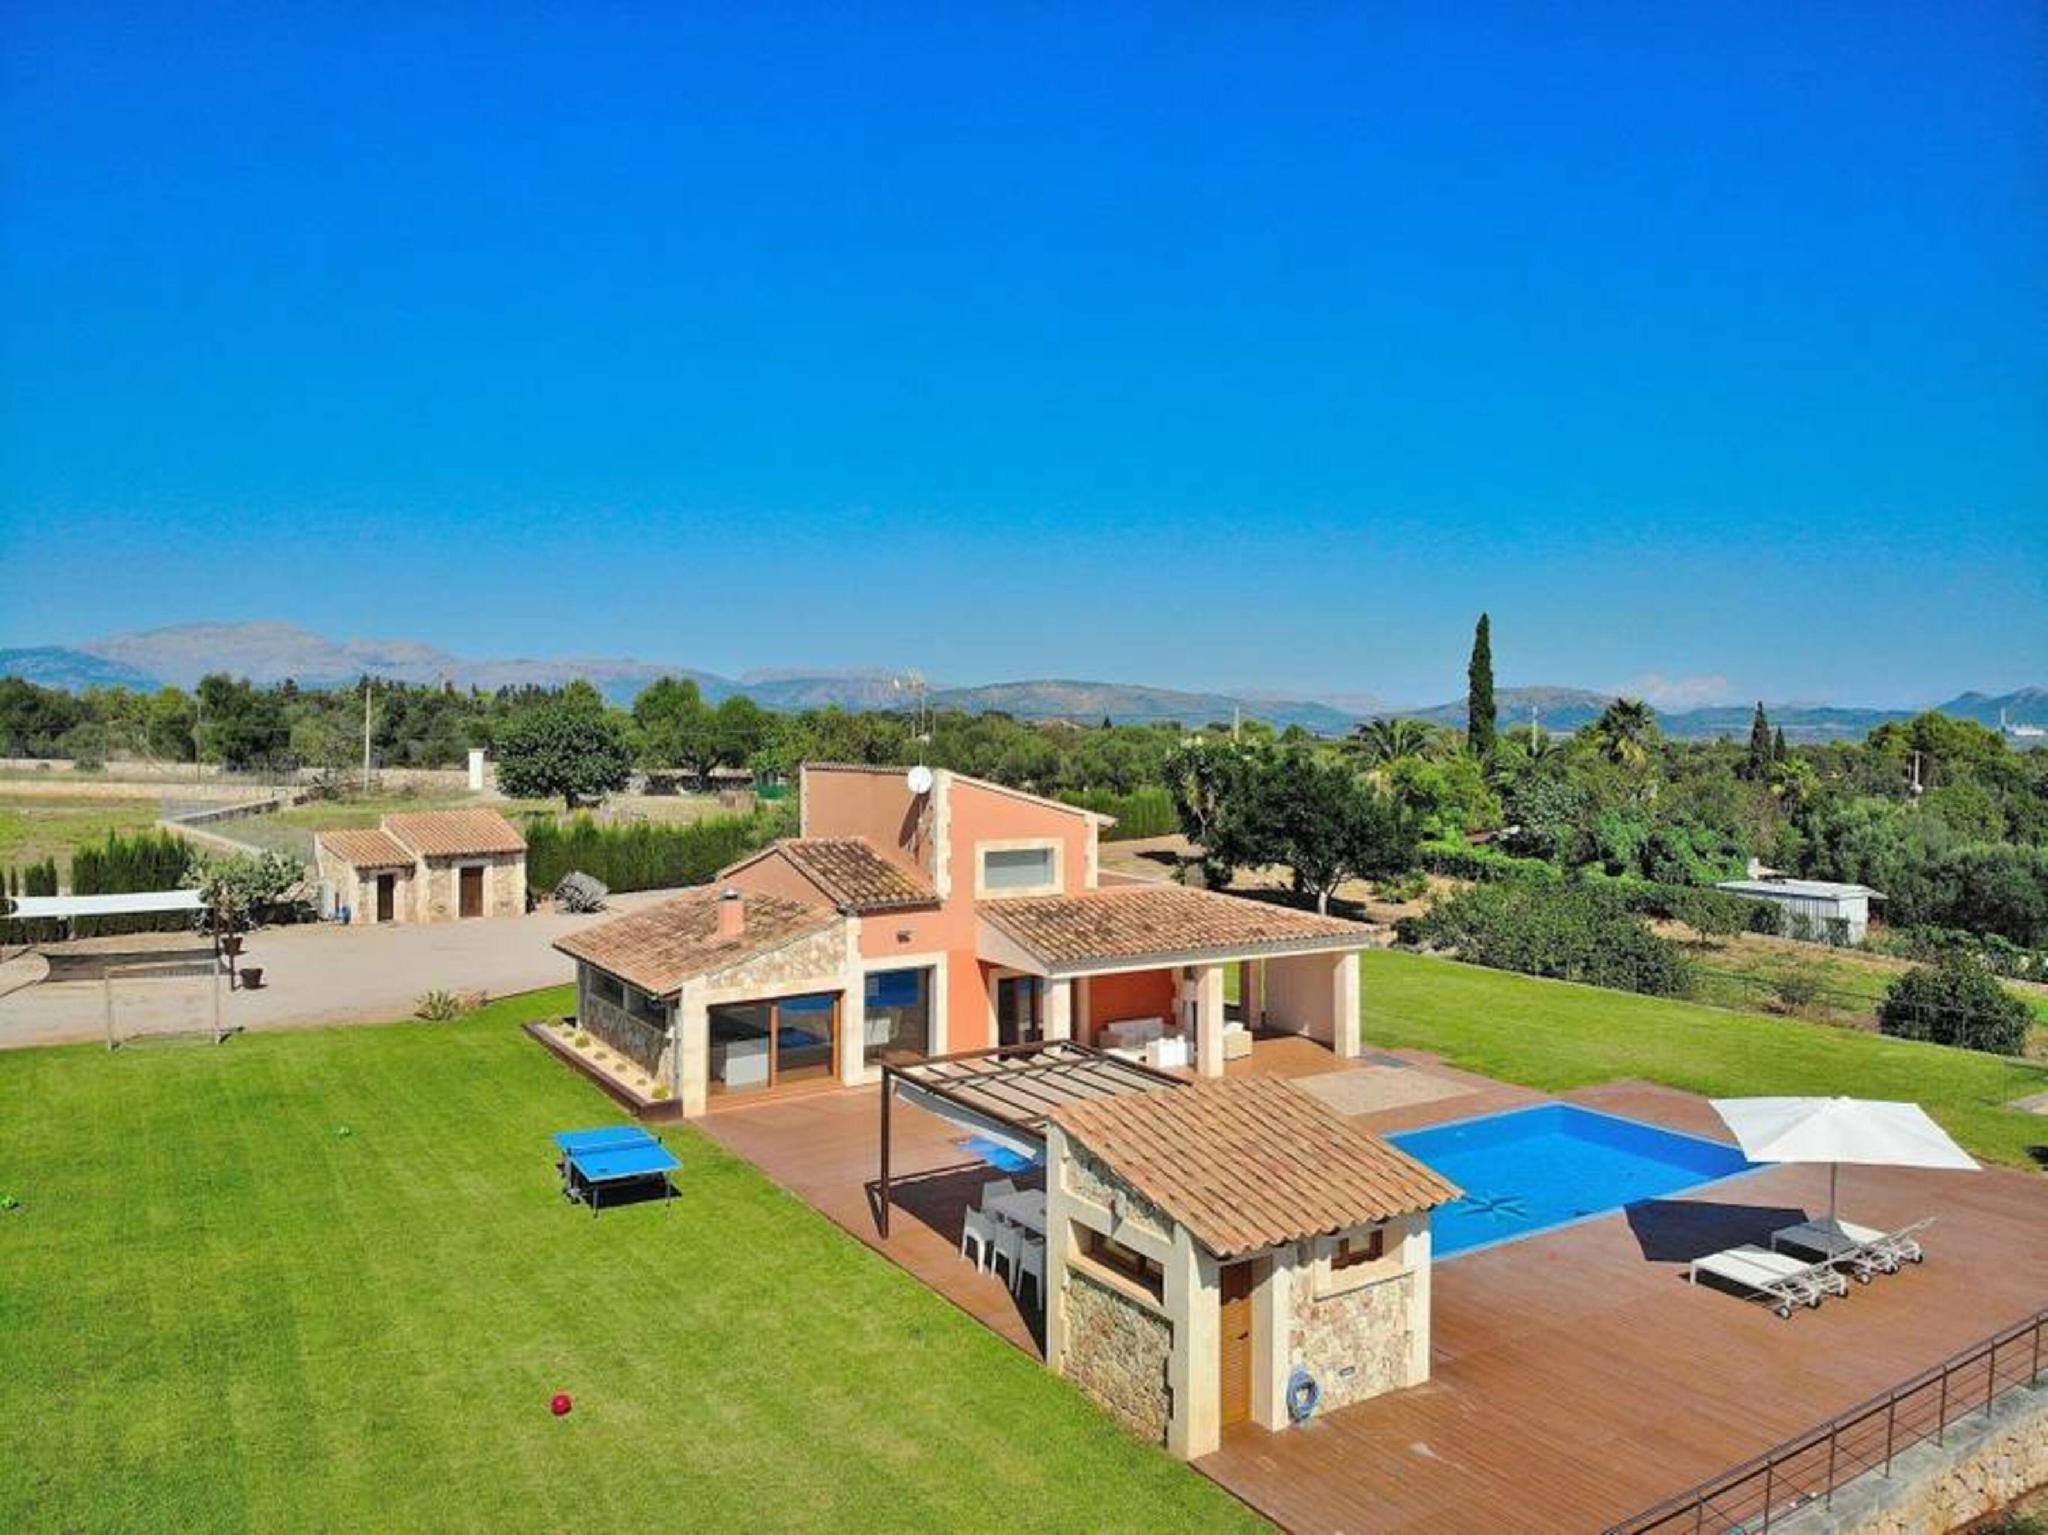 107622  Villa In Muro